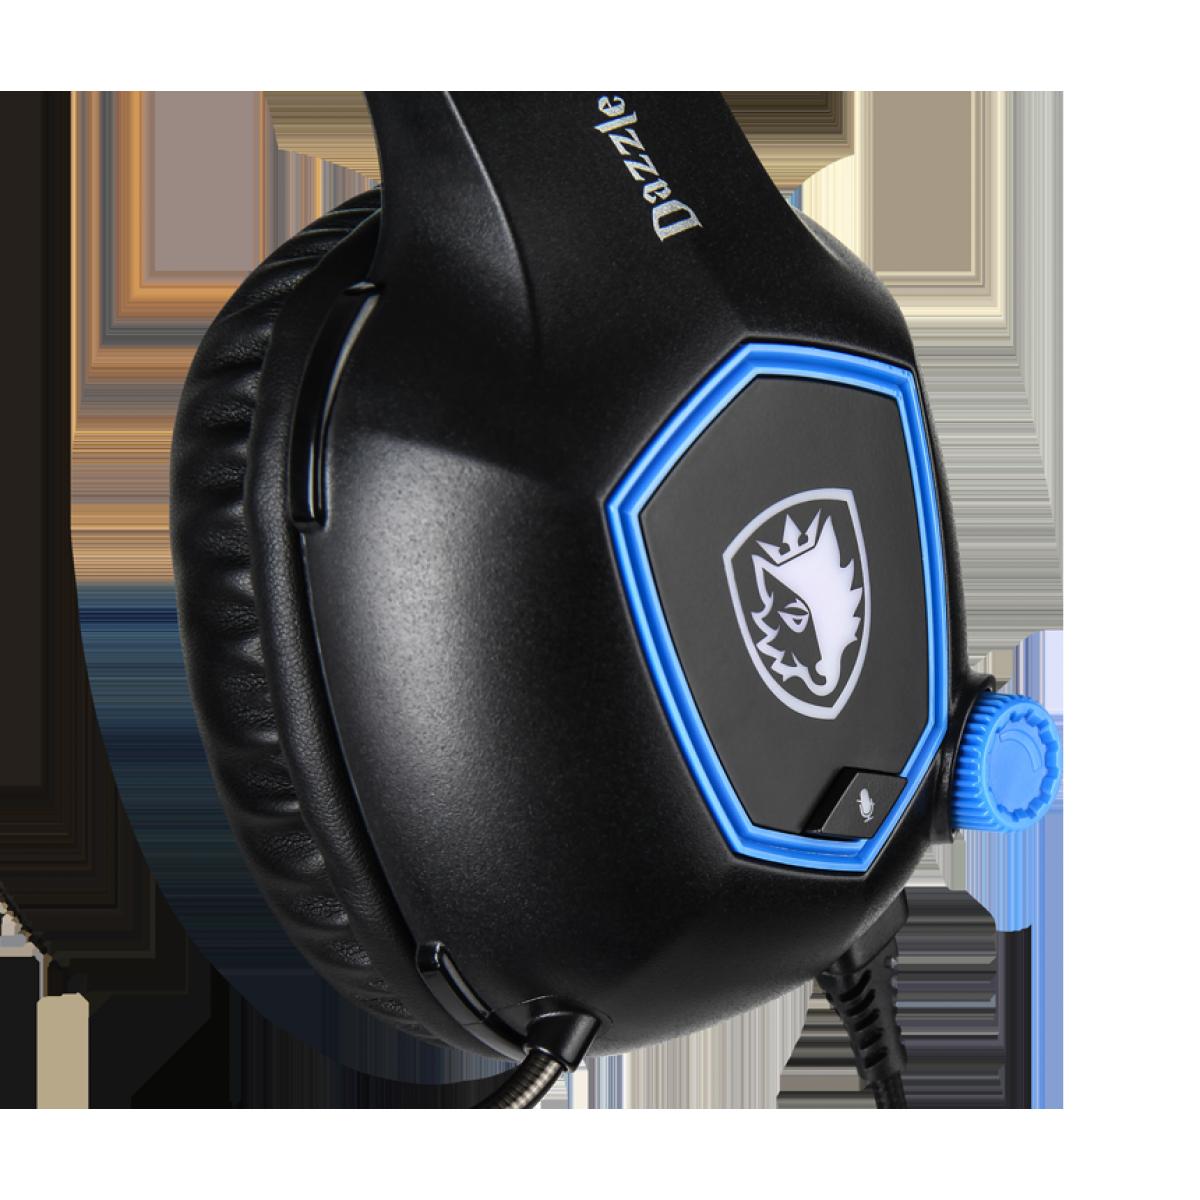 Headset Gamer Sades Sa-905 Dazzle, 7.1 Surround, Black/Blue, Sa-905